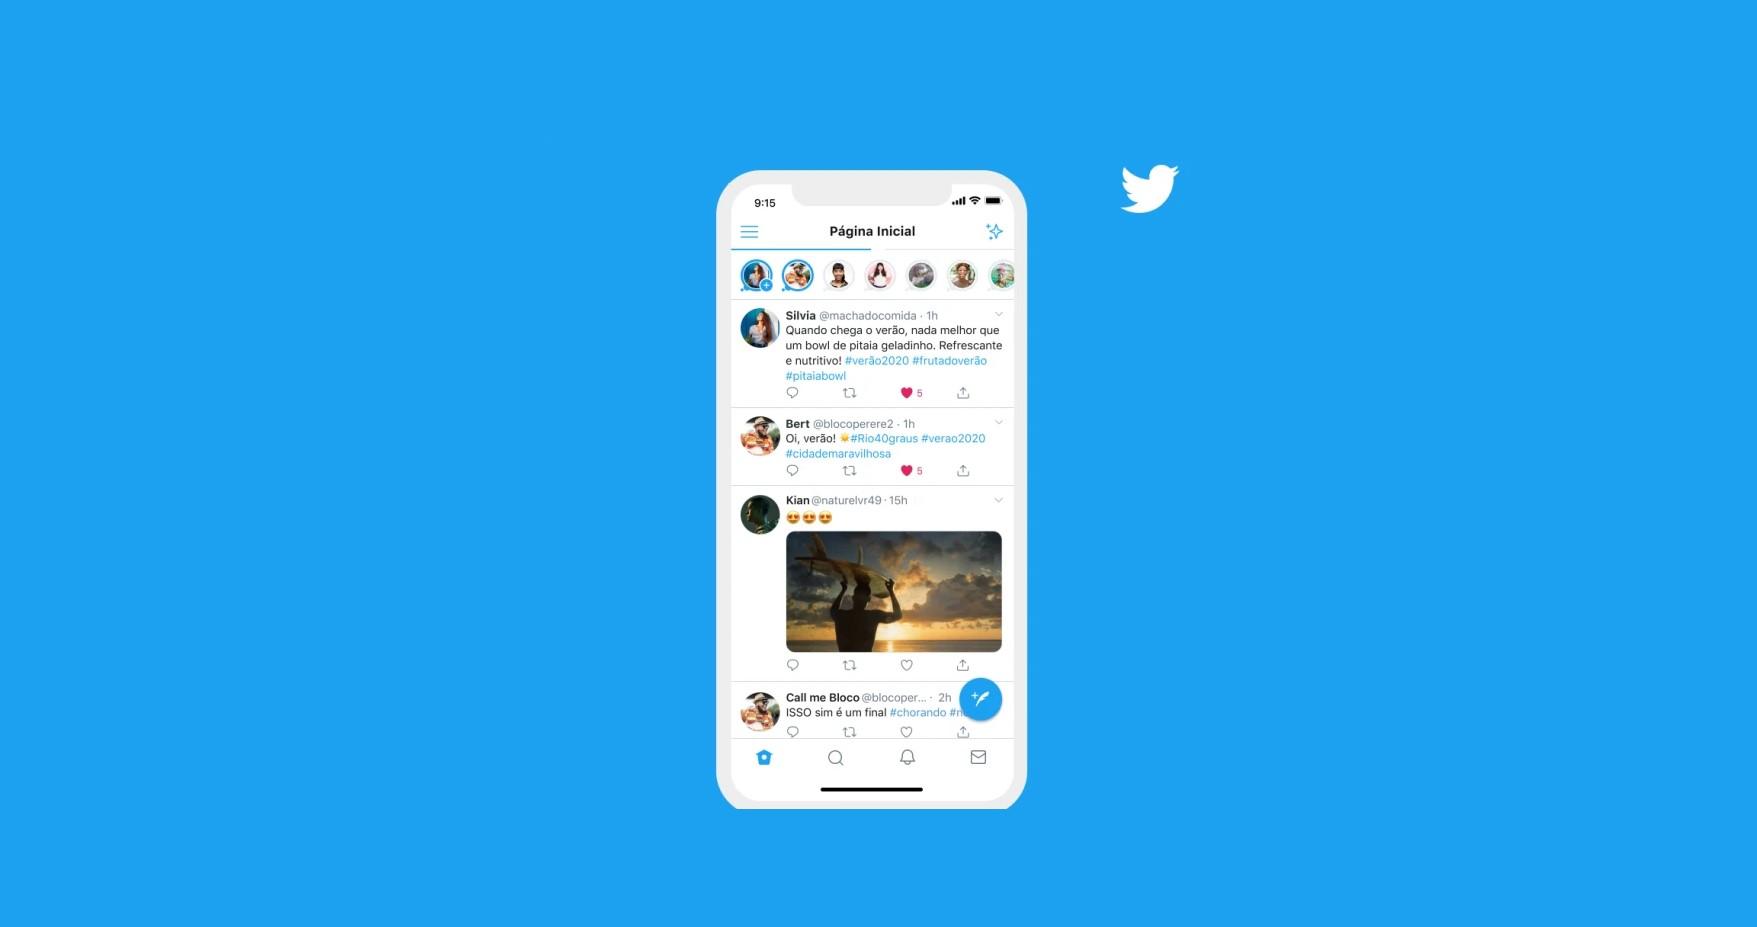 Už i Twitter má Stories, jmenují se Fleets